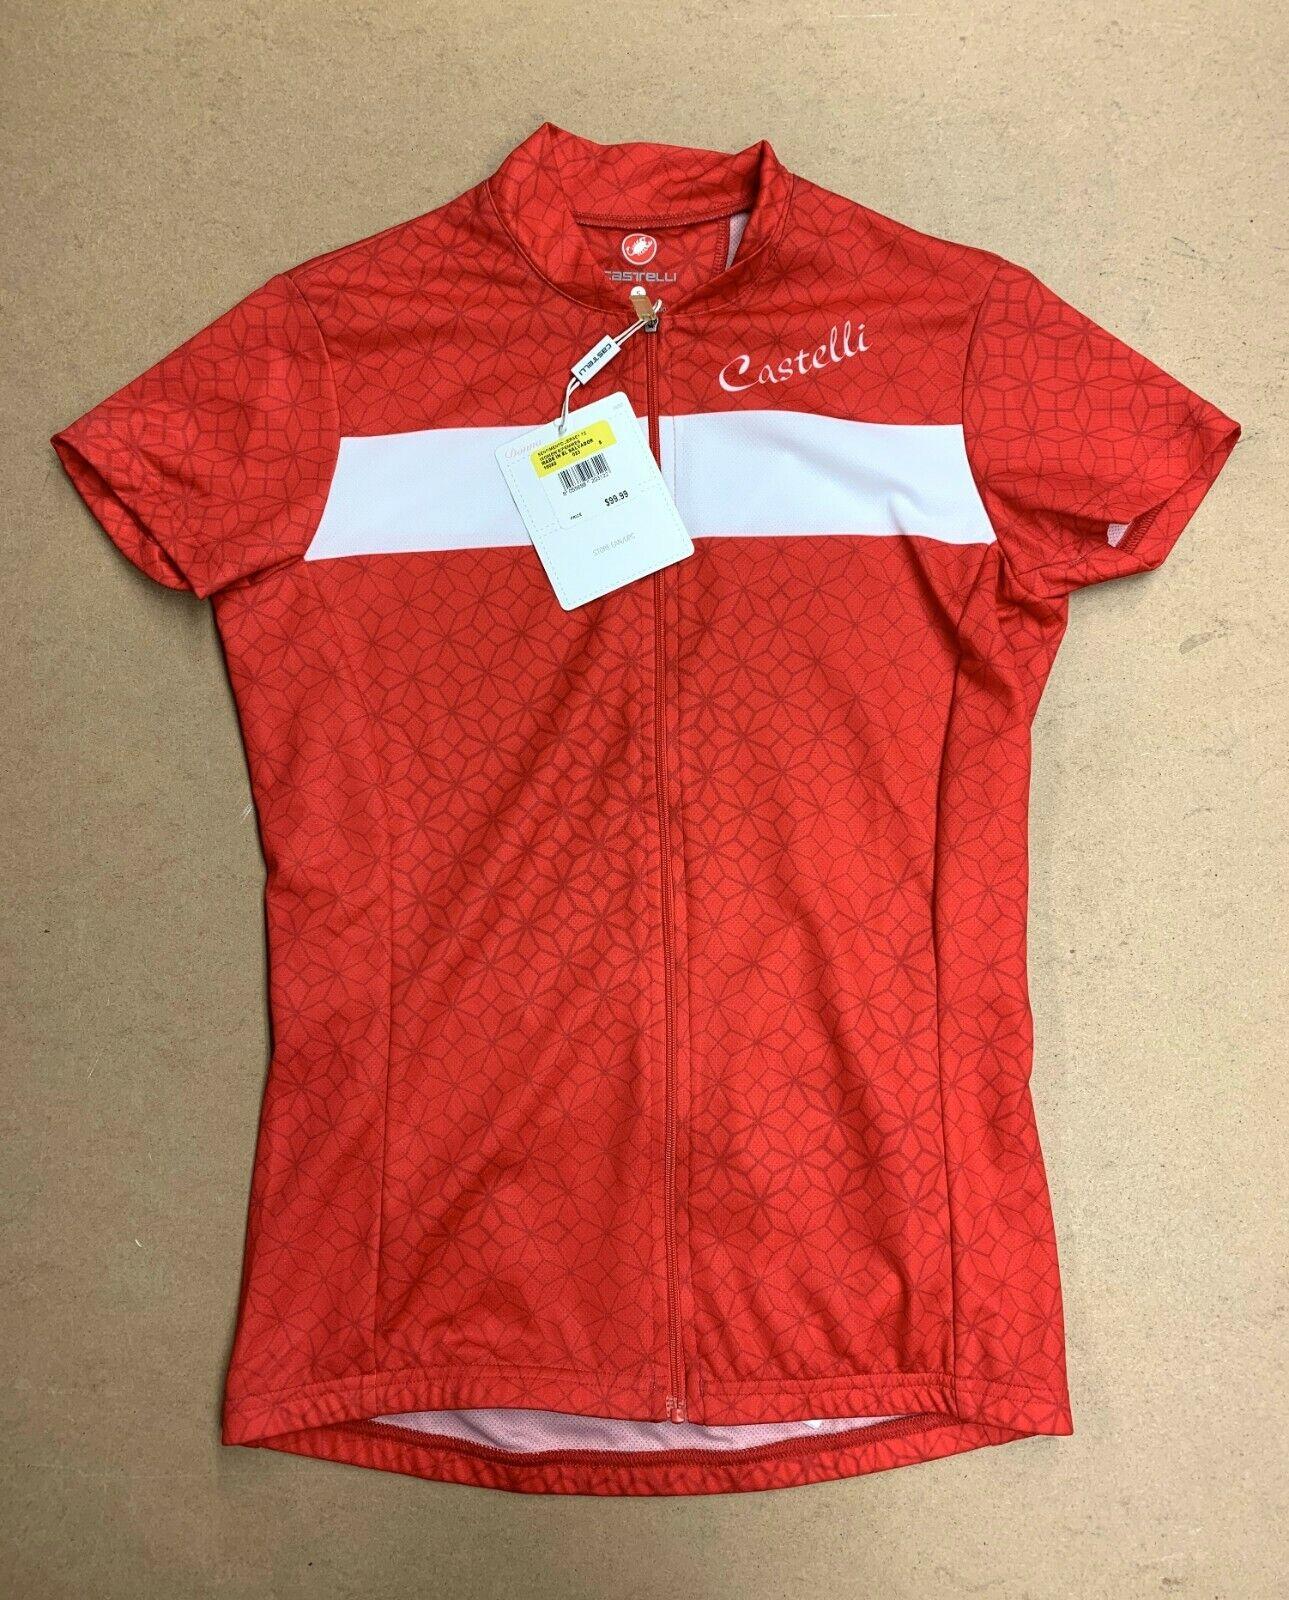 Camiseta de bicicleta Castelli, Código FZ.